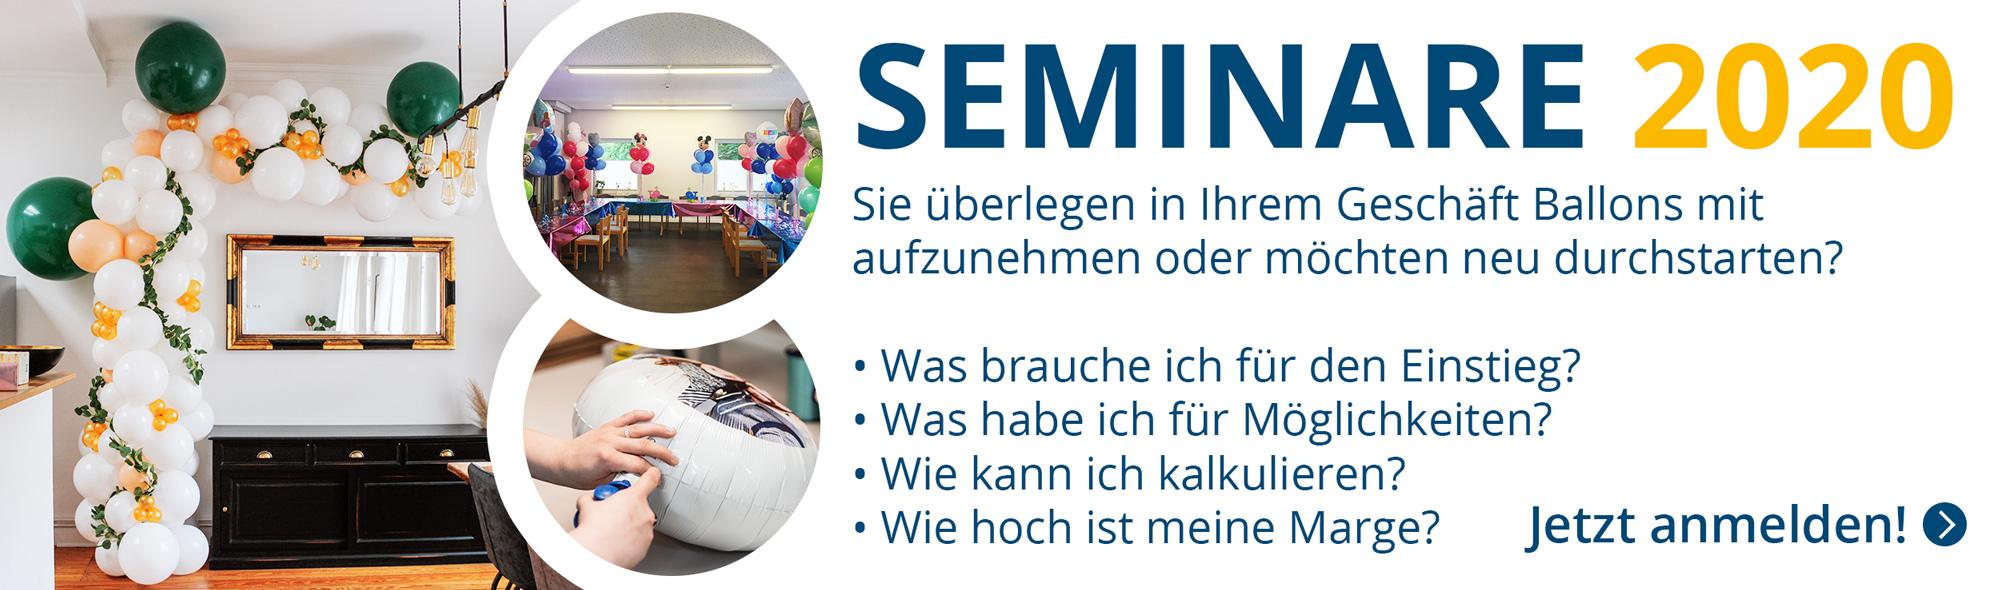 Seminare-2020